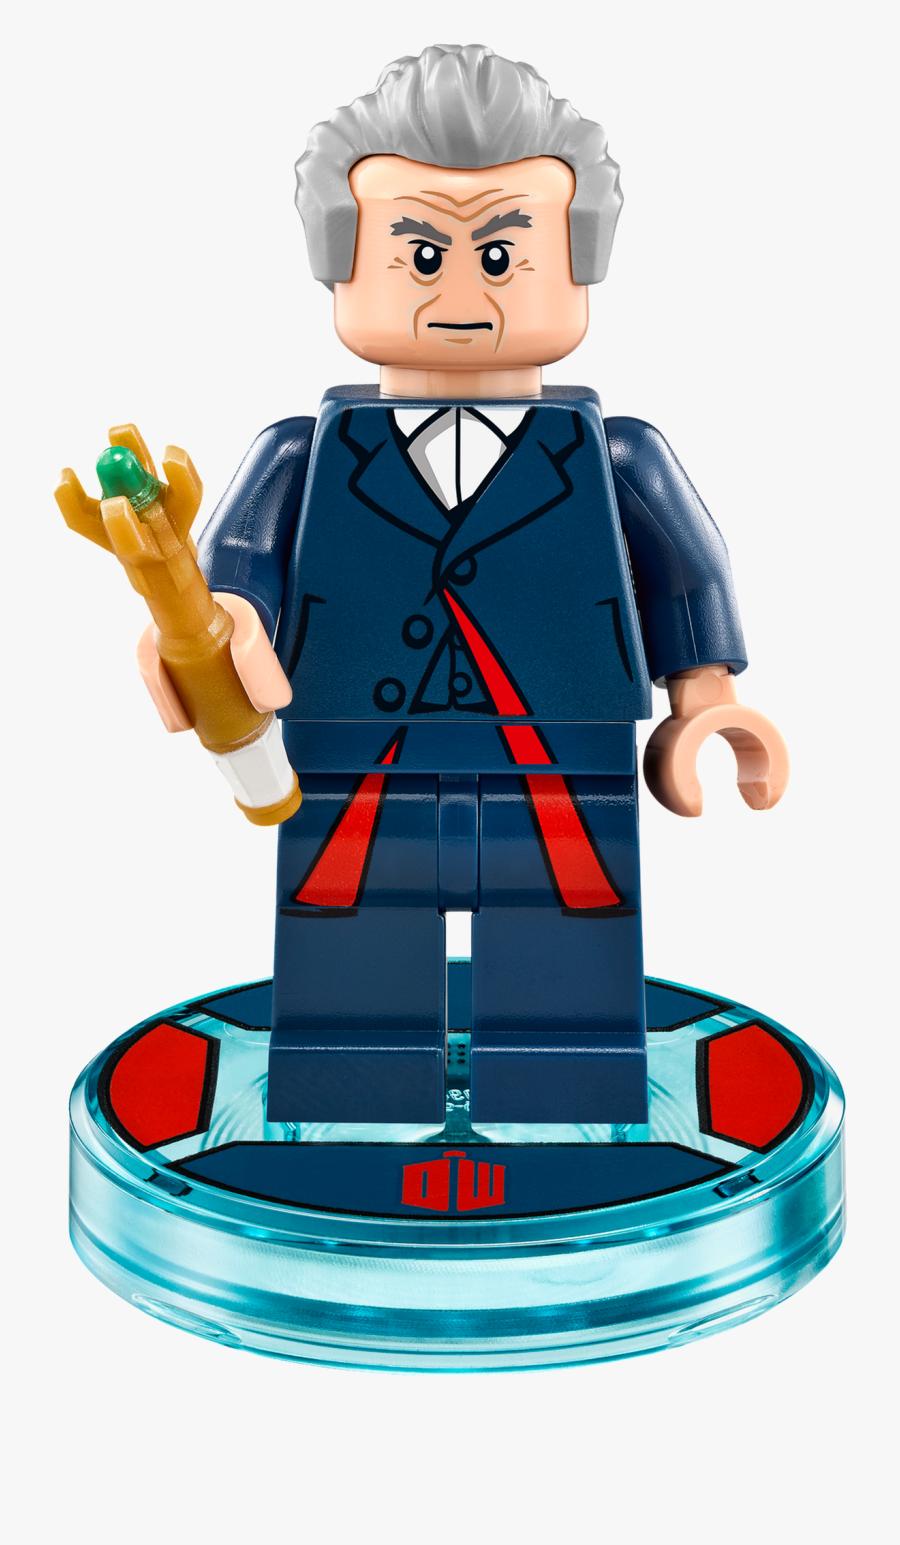 Benny Lego Dimensions, Transparent Clipart